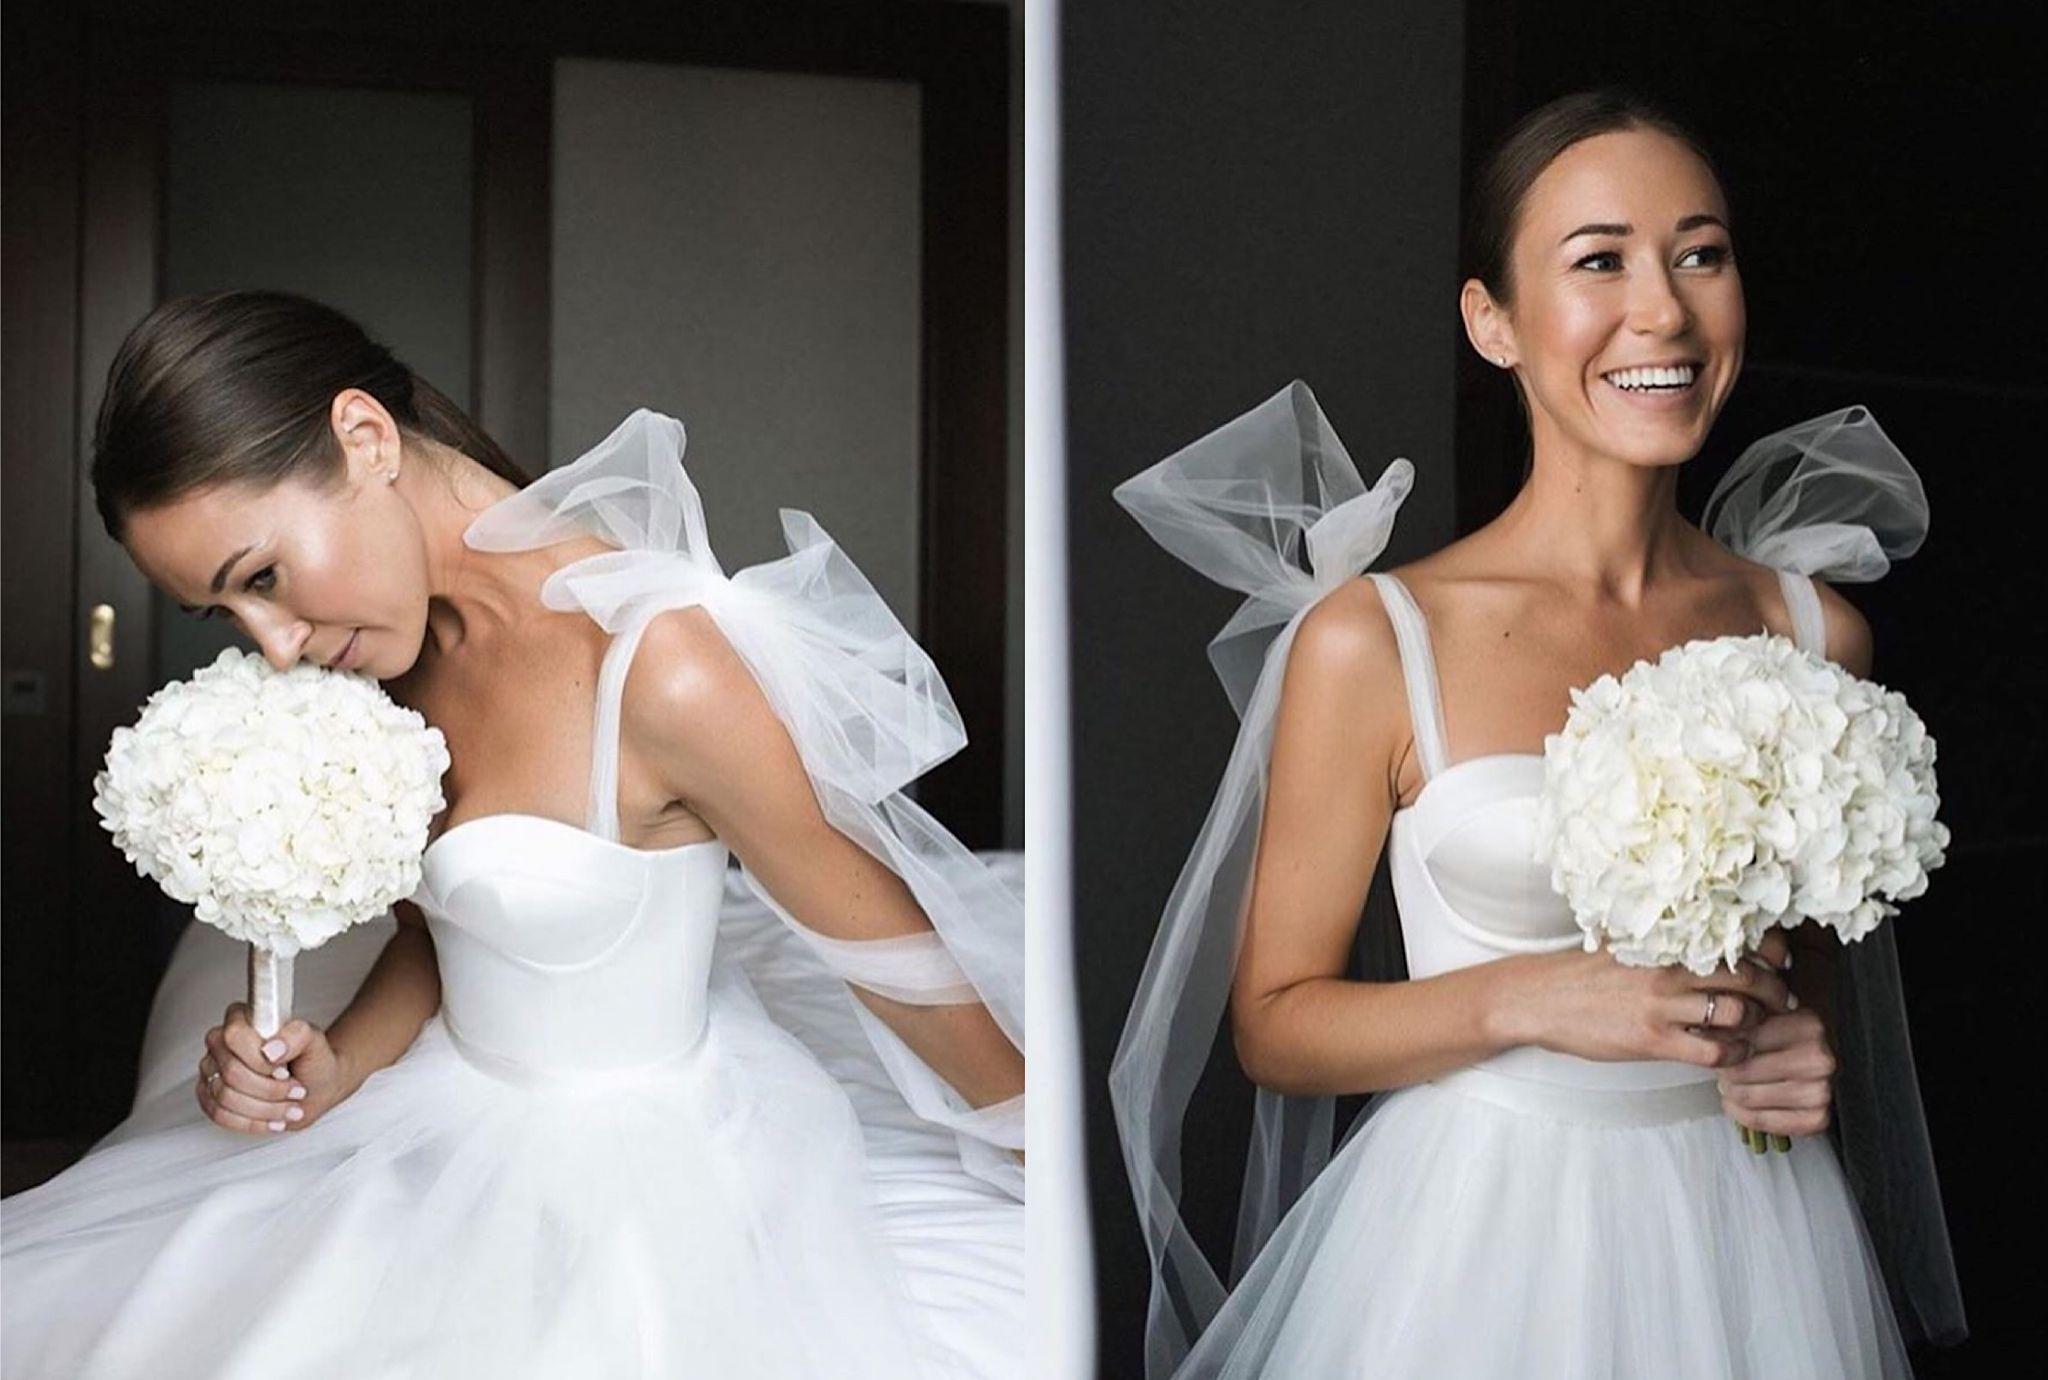 Berta高定婚纱礼服,浪漫蕾丝花卉,爱情的灵动气息